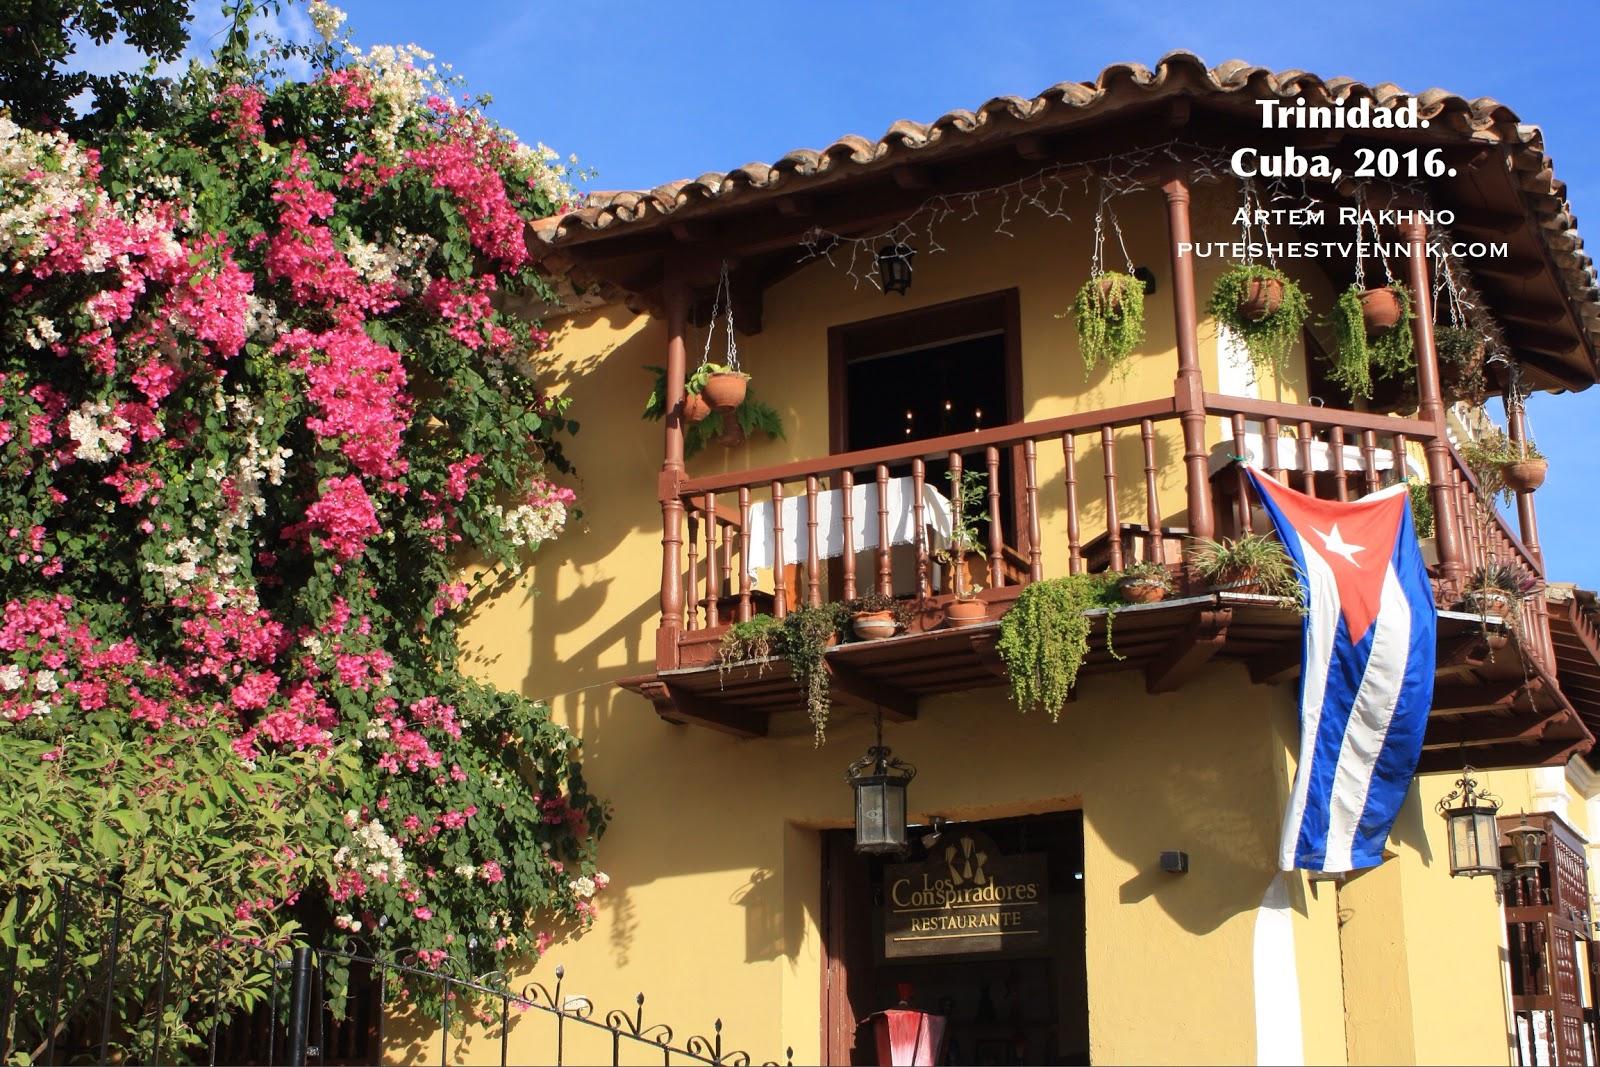 Старый дом с балконом и флагом Кубы